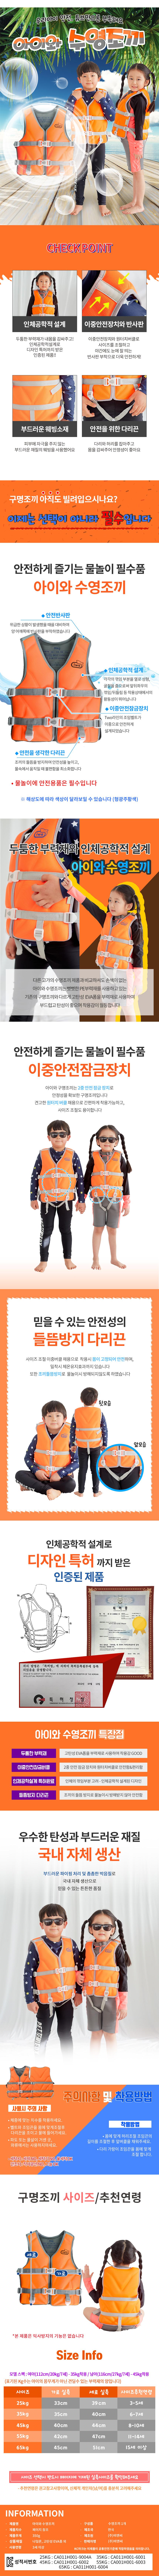 아이와 수영조끼 65kg - 우토, 40,200원, 튜브/구명조끼, 구명조끼